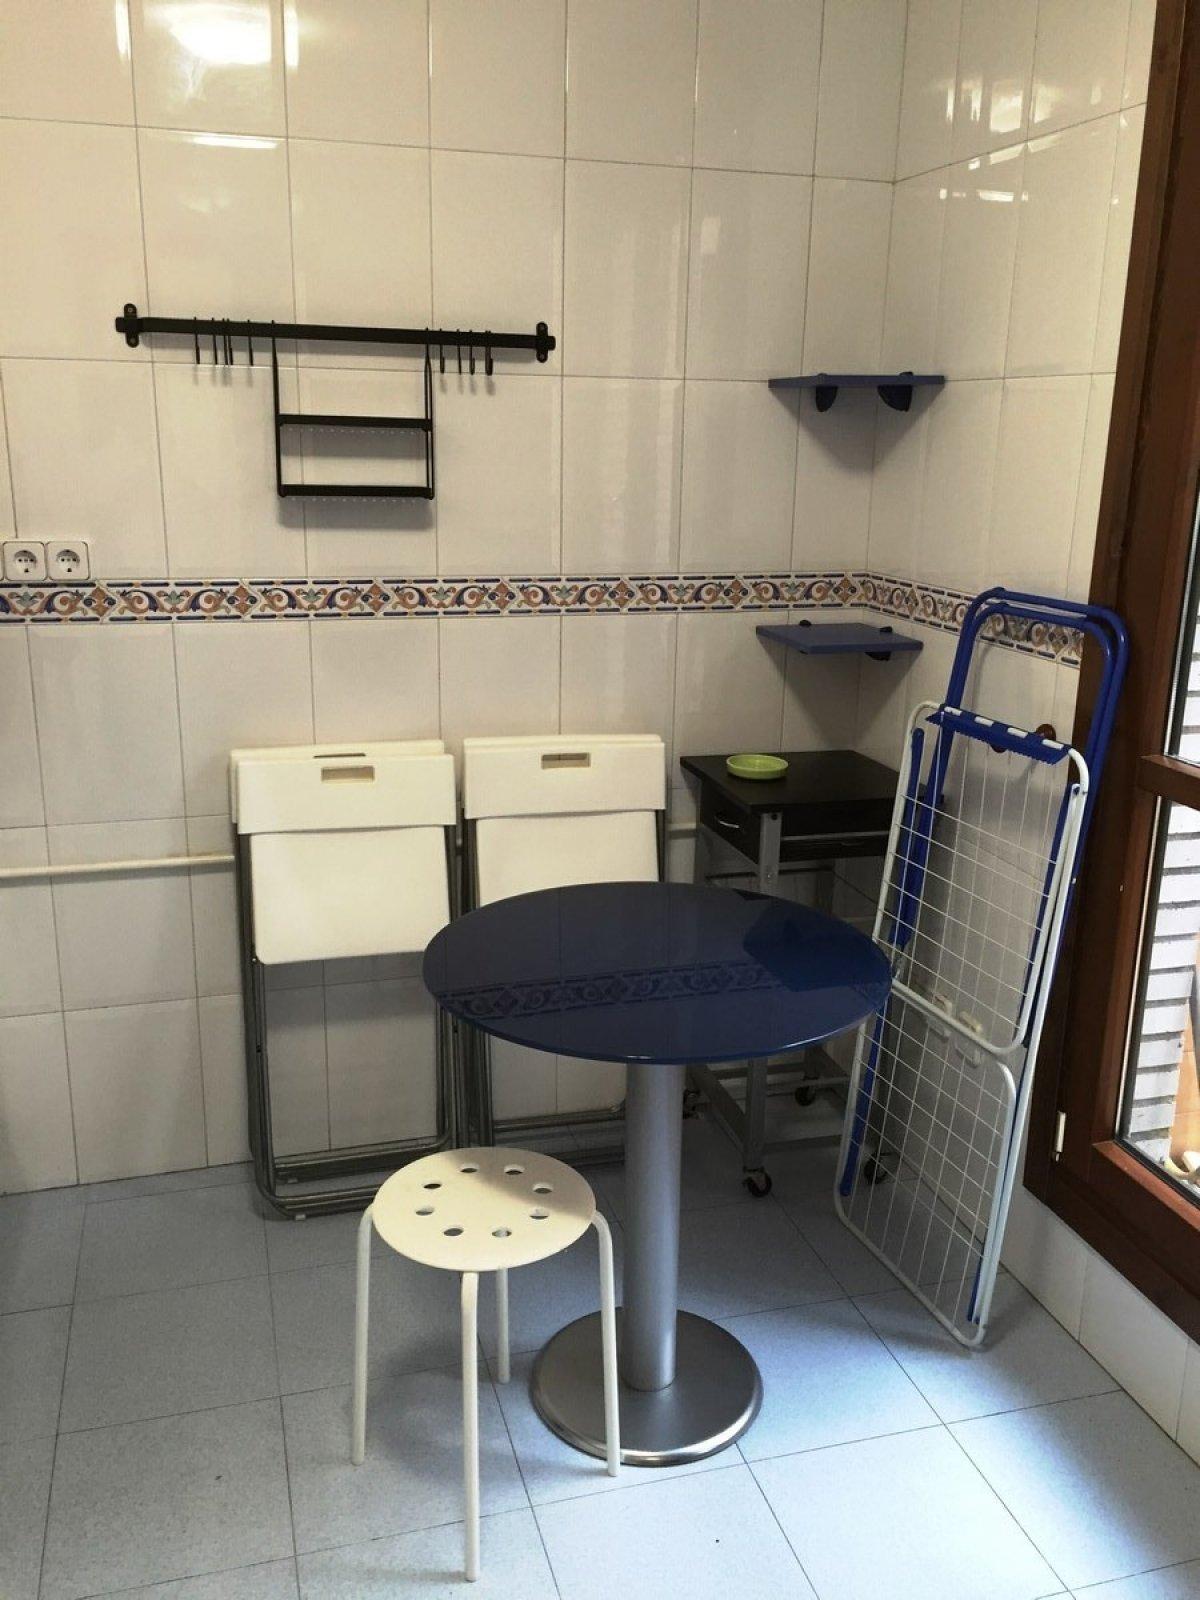 Venta de apartamento entre el huca y el campus del milán - imagenInmueble6